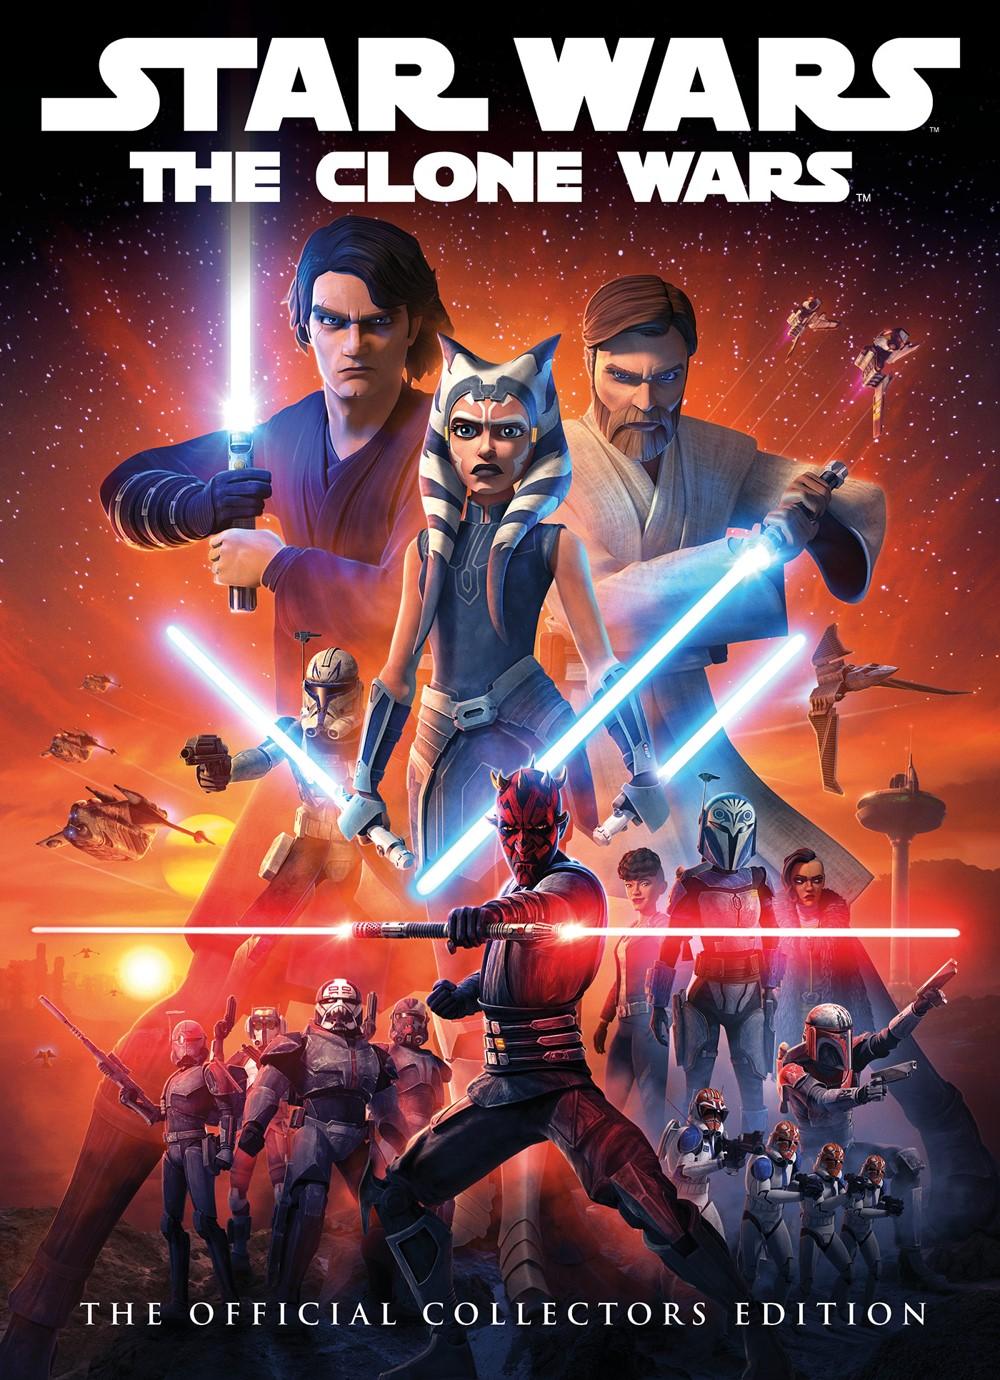 STAR-WARS-CLONE-WARS-HC Titan Comics October 2021 Solicitations